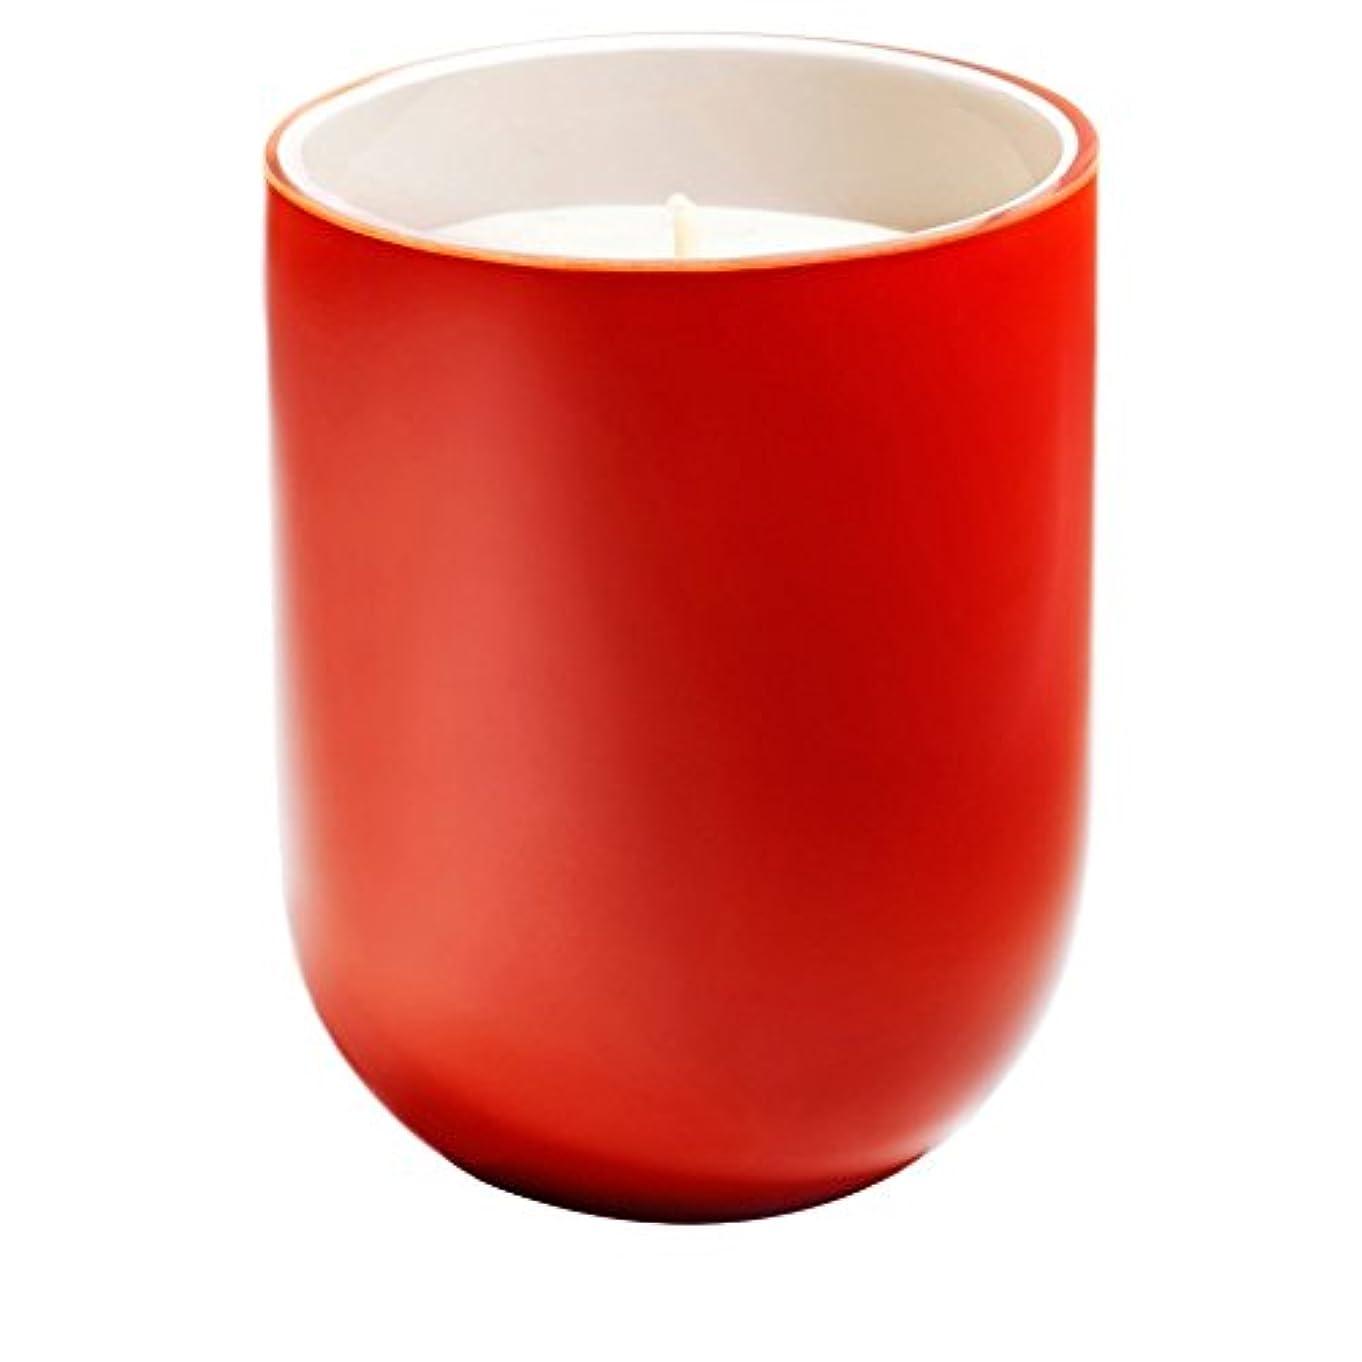 ぼかす眉をひそめるデザイナーFrederic Malle Un Gard?nia La Nuit Scented Candle (Pack of 4) - フレデリック?マル国連ガーデニア?ラ?ニュイ香りのキャンドル x4 [並行輸入品]